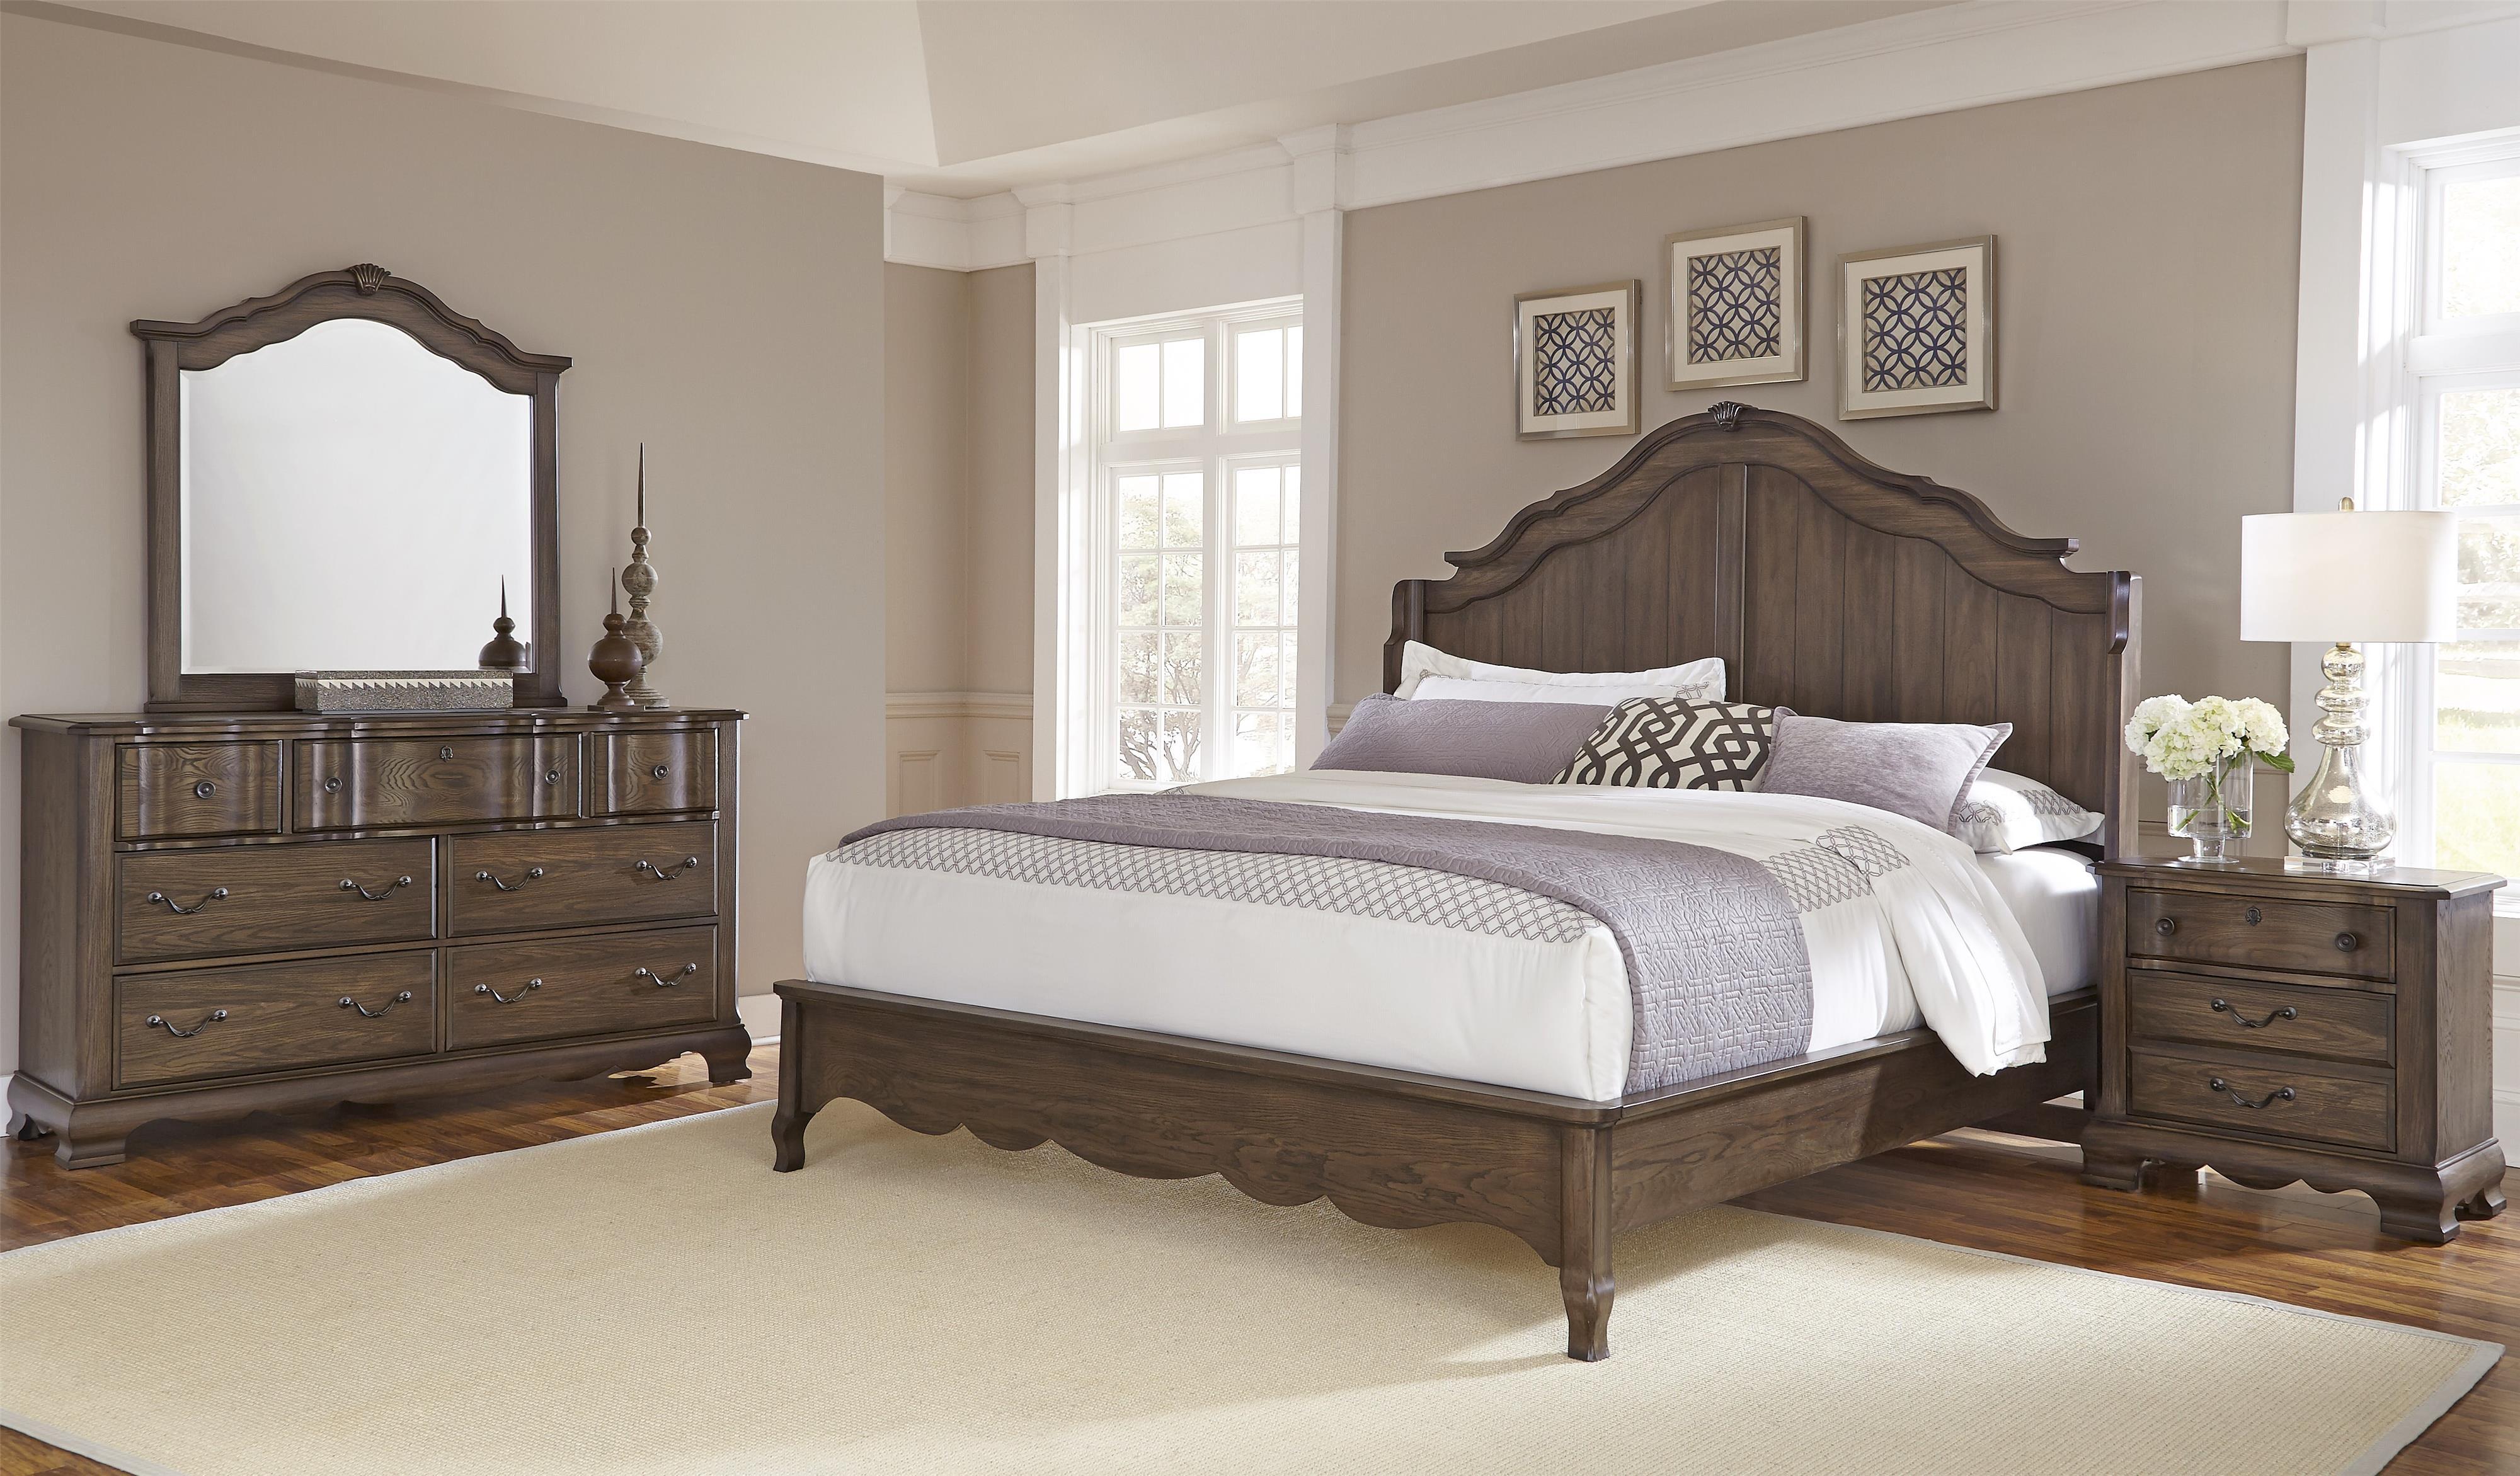 Vaughan Bassett Villa Sophia Queen Bedroom Group - Item Number: 520 Q Bedroom Group 1